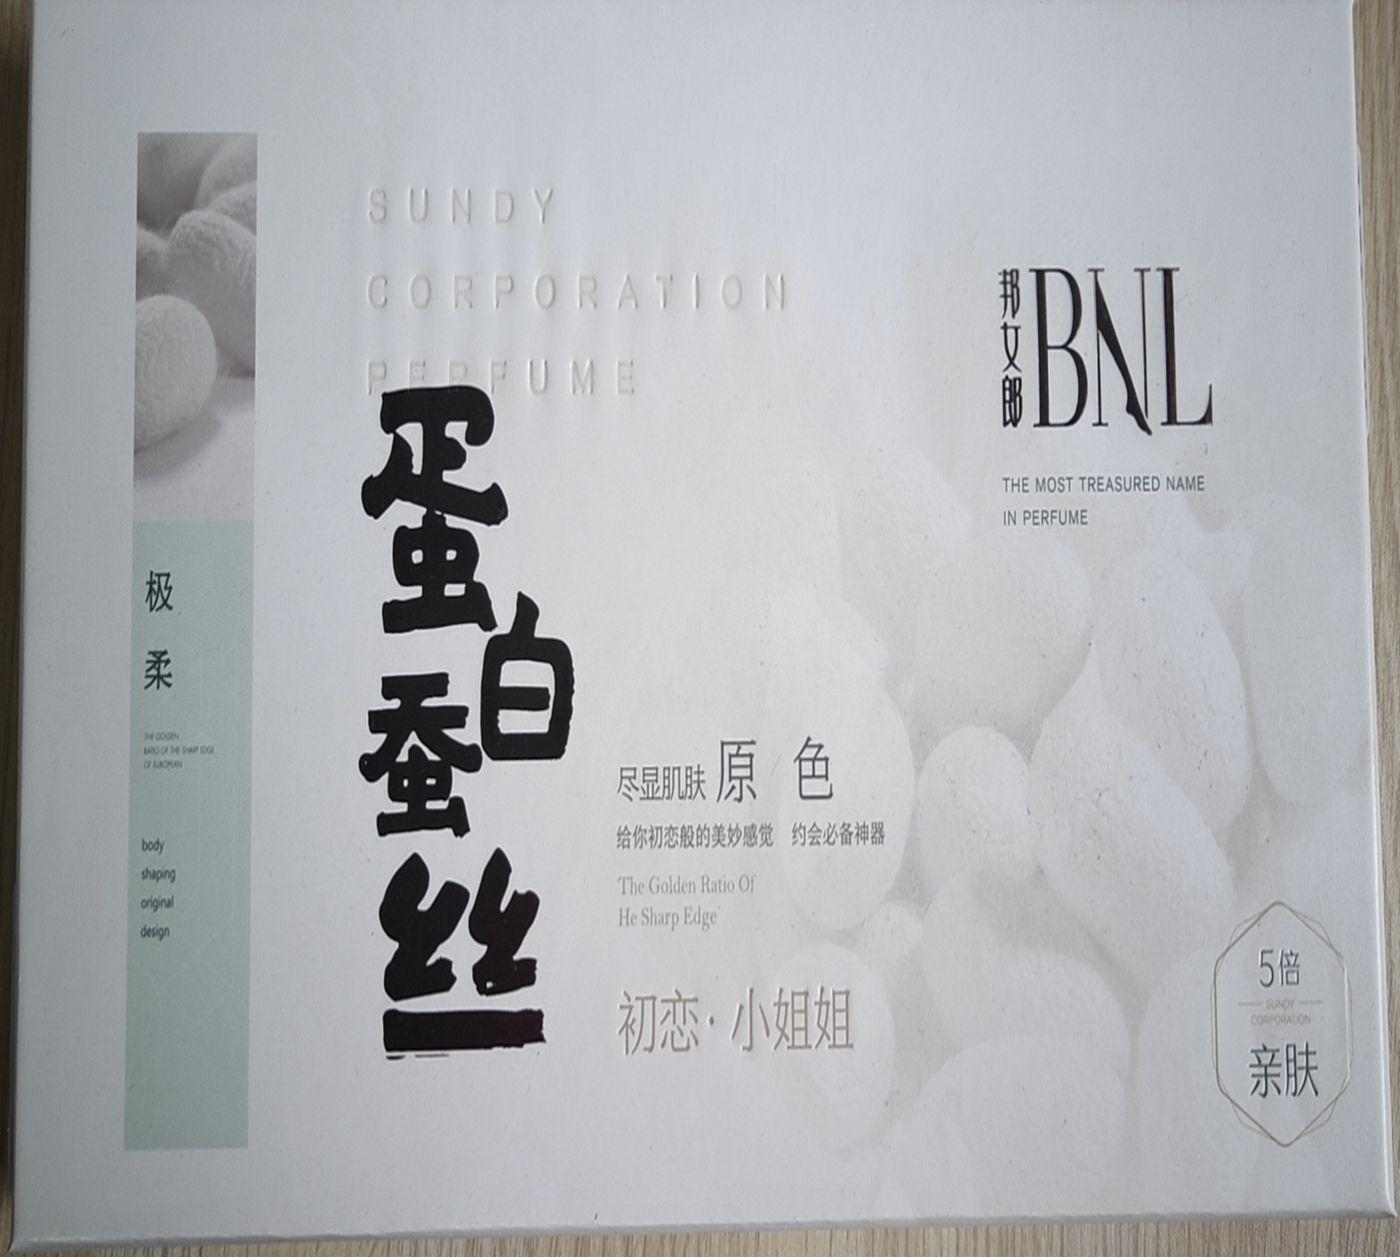 义乌好货 200g锦纶婴儿绒棉裤/30988